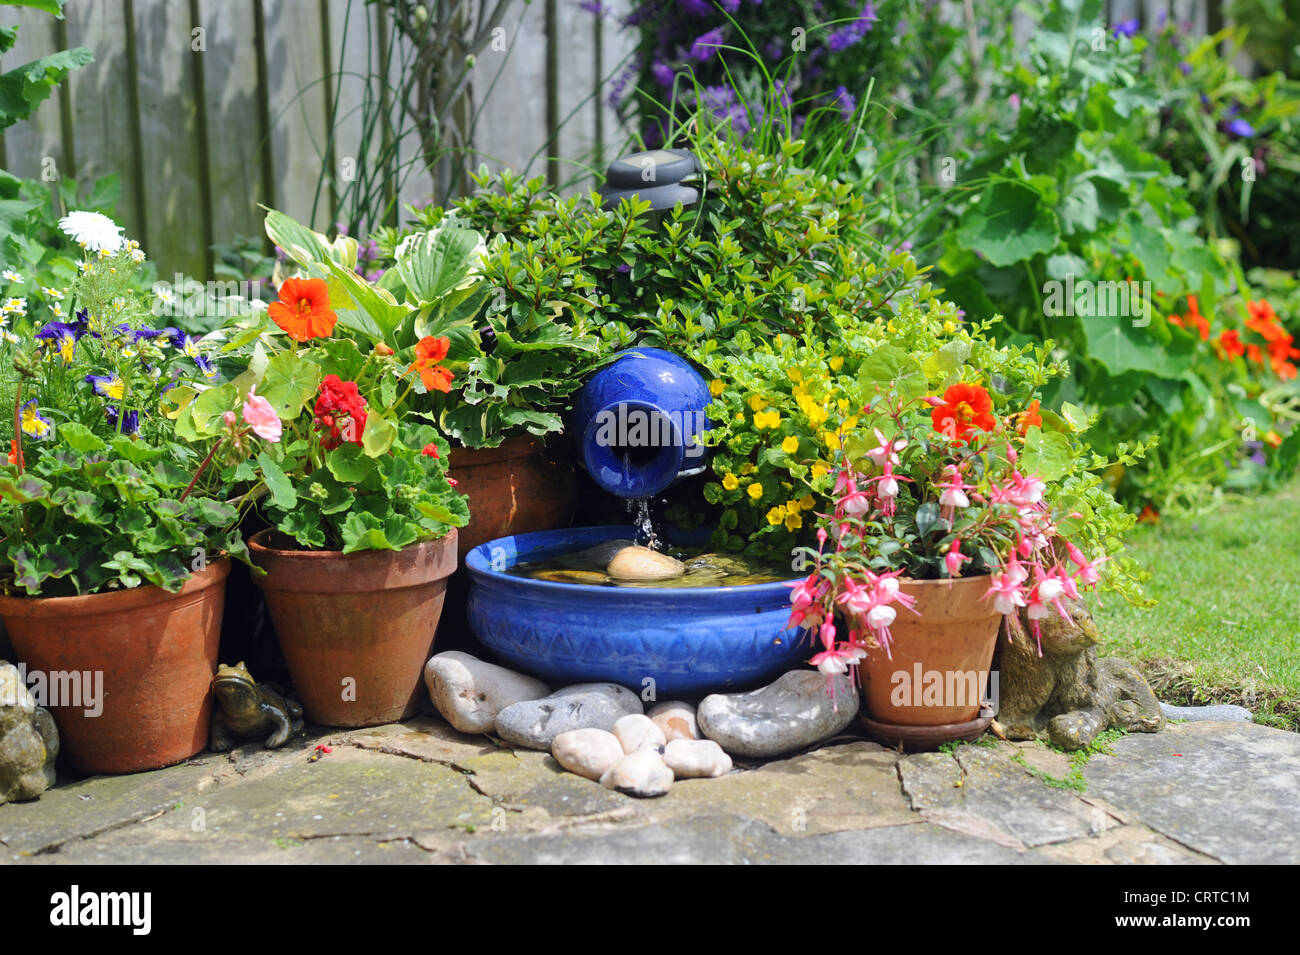 Solar powered garden water feature blue bowl by pot plants UK & Solar powered garden water feature blue bowl by pot plants UK Stock ...